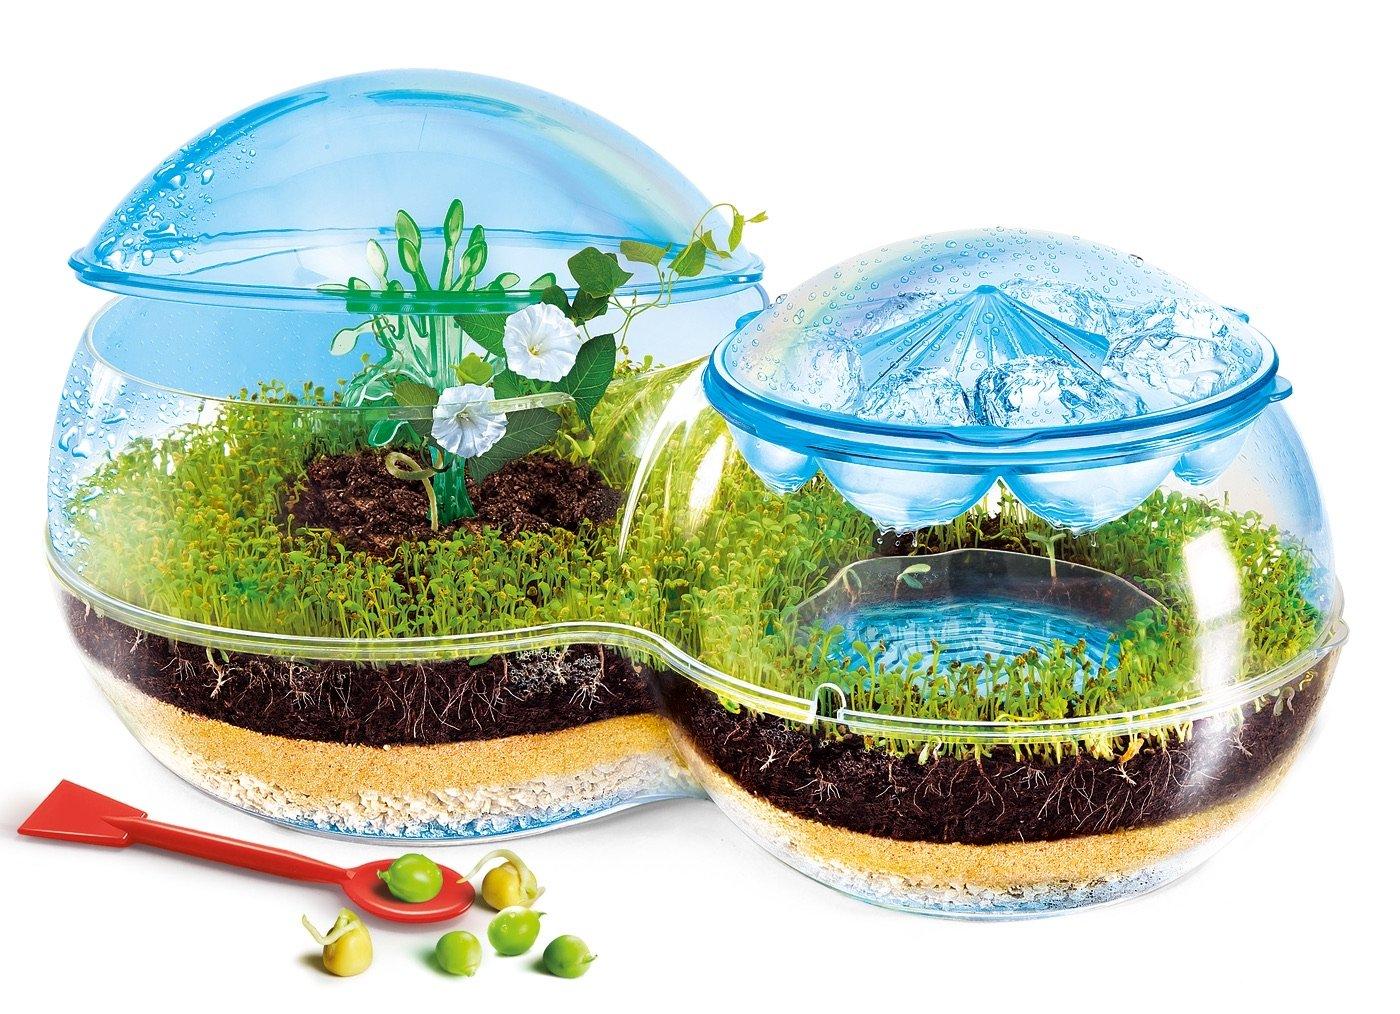 Cliquez ici pour acheter Écosystème pour enfant